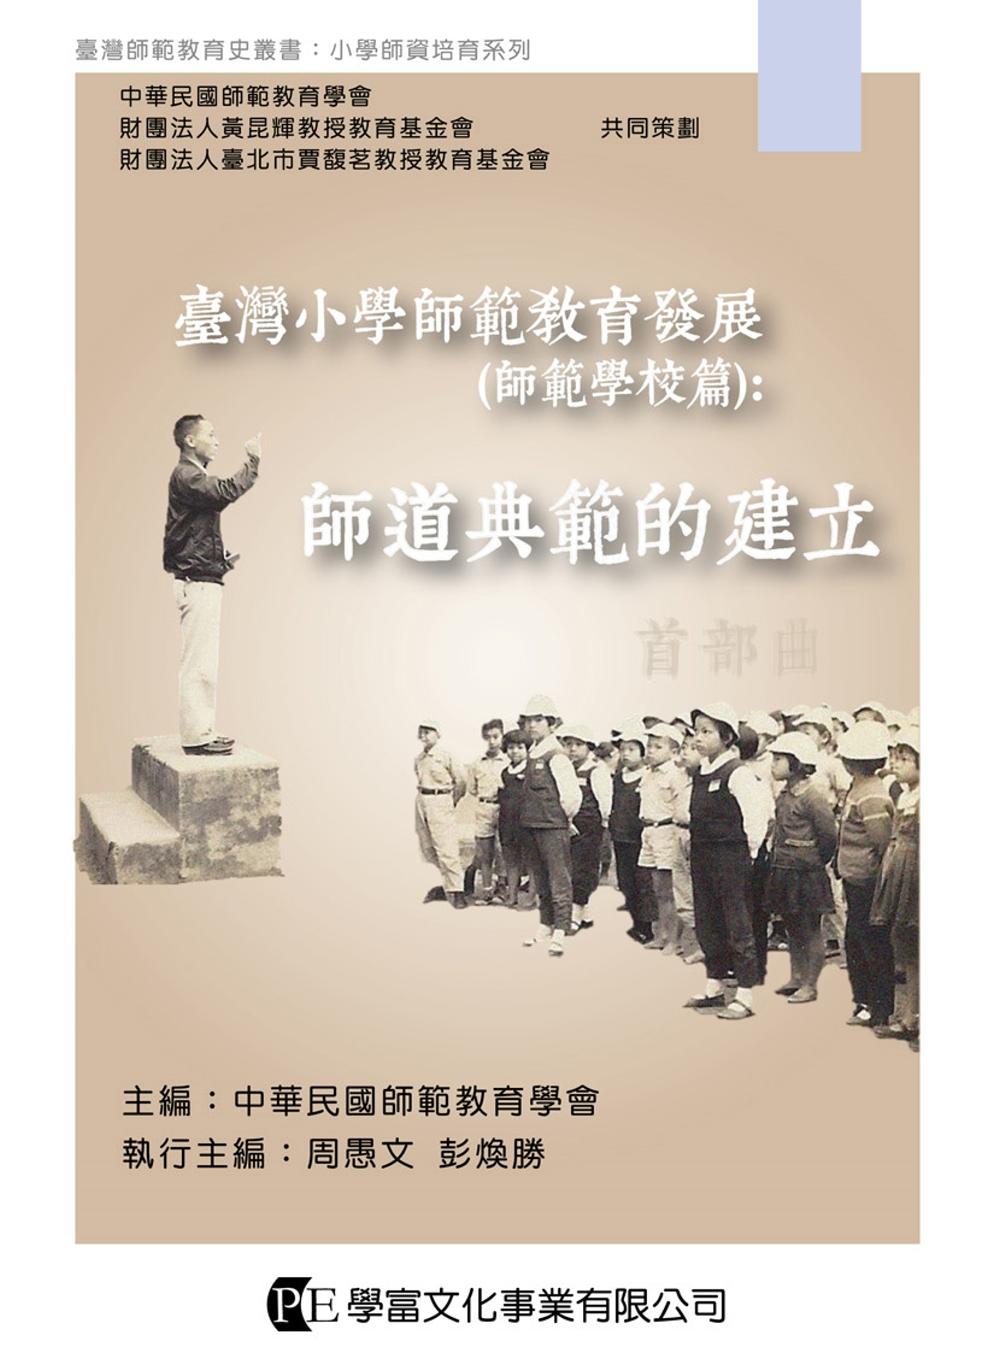 臺灣小學師範教育發展(師範學校篇):師道典範的建立